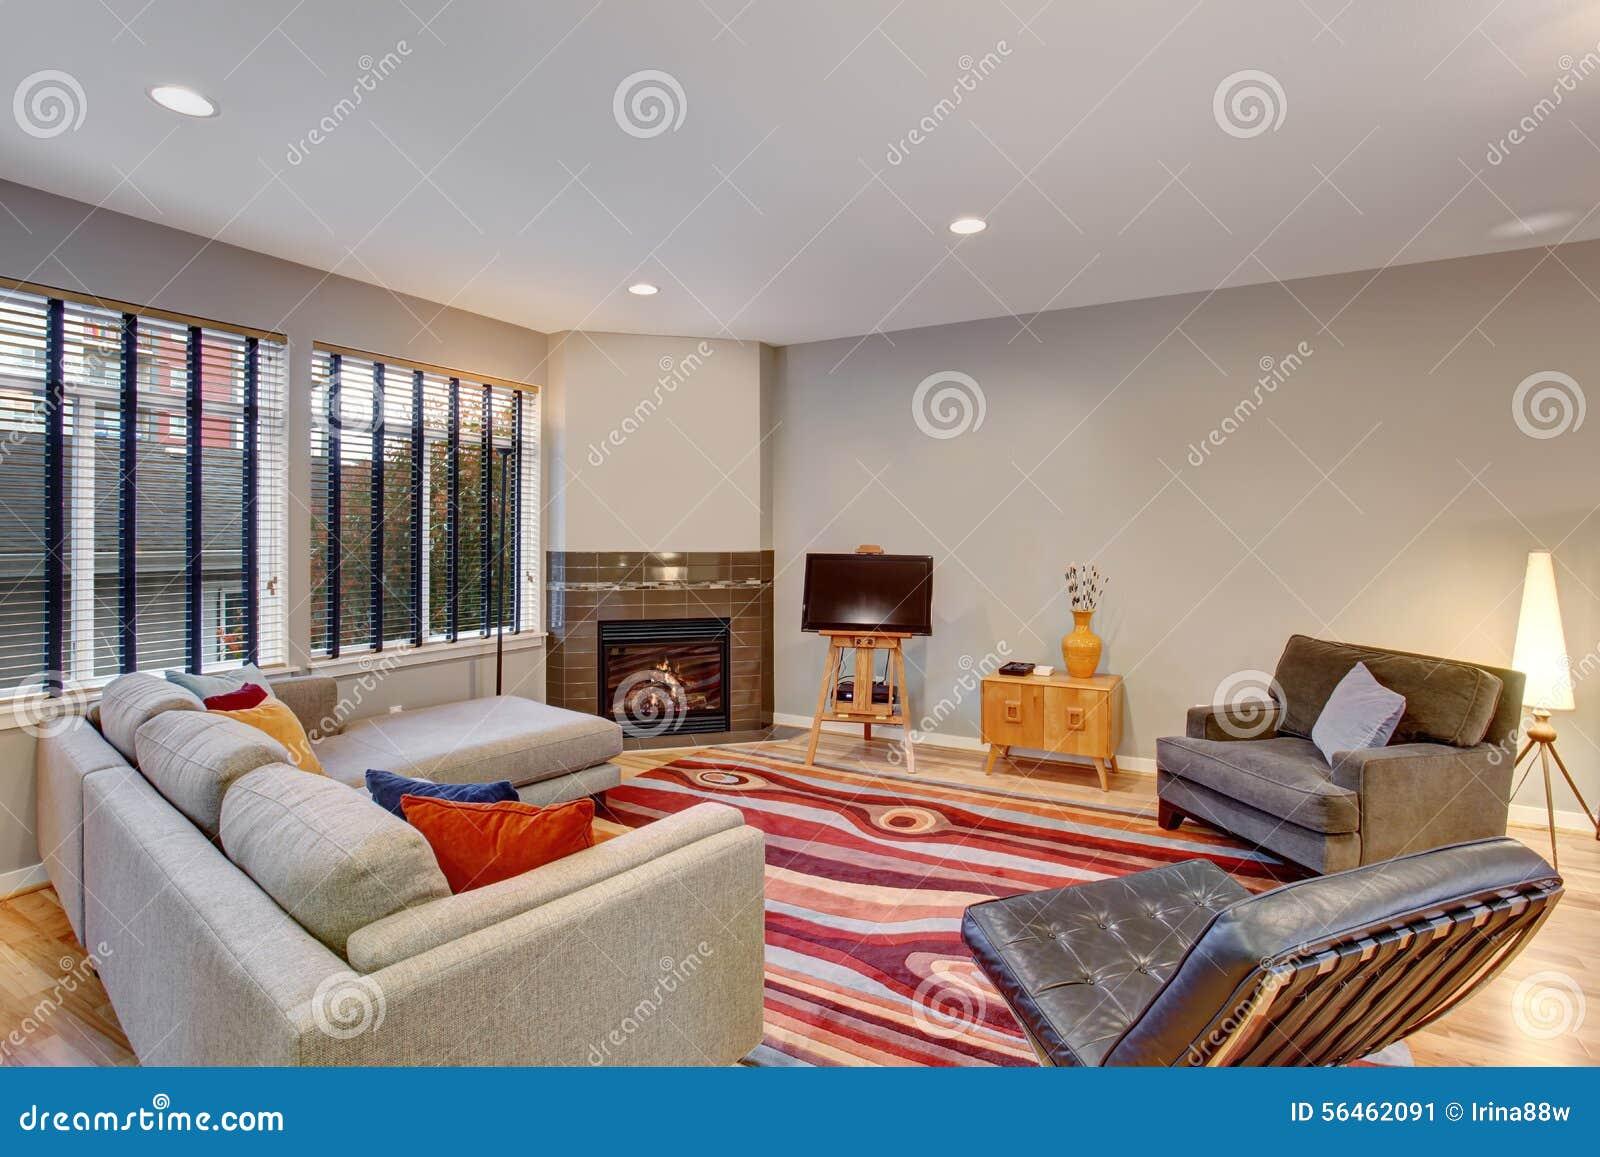 Kleur Veel Kleur : Zeer moderne artistieke woonkamer met veel kleur stock afbeelding